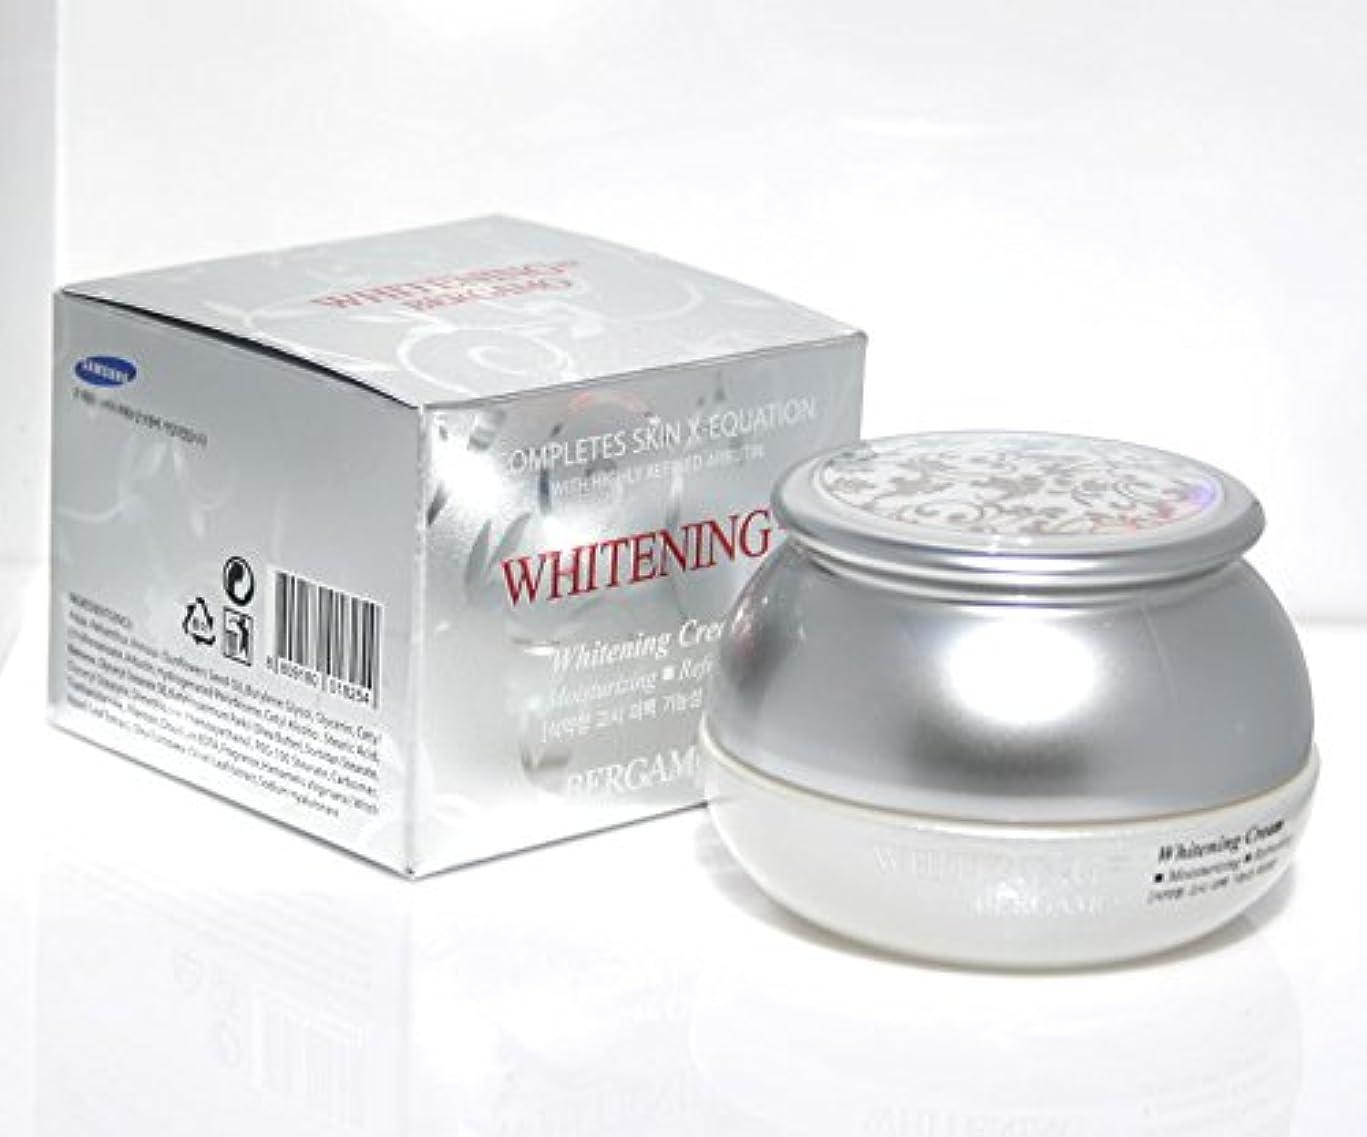 植物の泳ぐ系統的【ベルガモ][Bergamo]  は、高度に精製アルブチンホワイトニング例クリーム50g /  Completes Skin X-equation with Highly Refined Albutin Whitening...